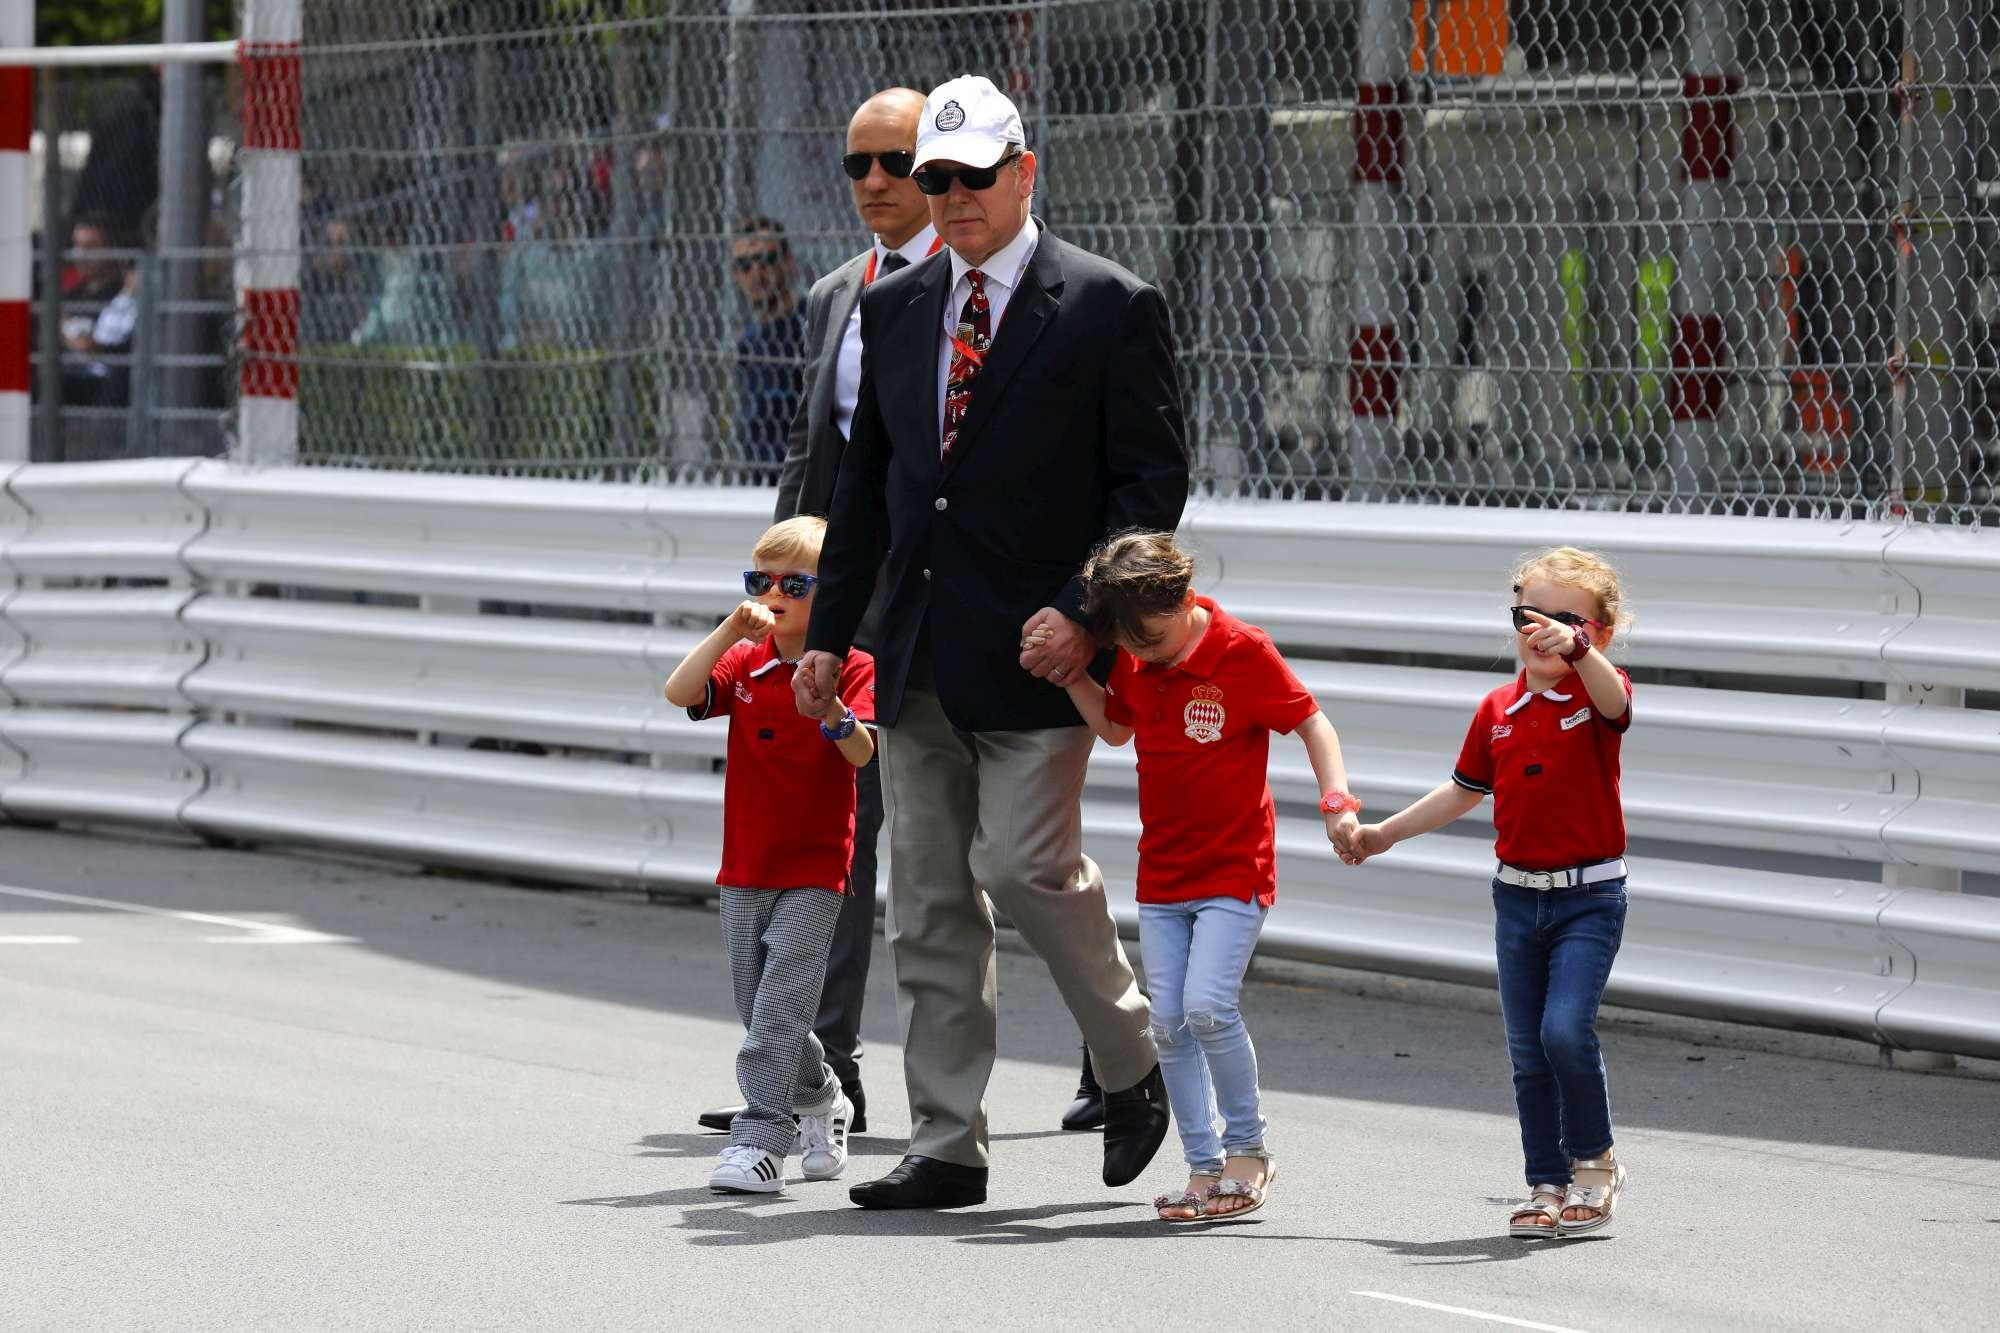 I monegaschi sfilano al GP: da Pierre e Beatrice ai gemelli del principe Alberto